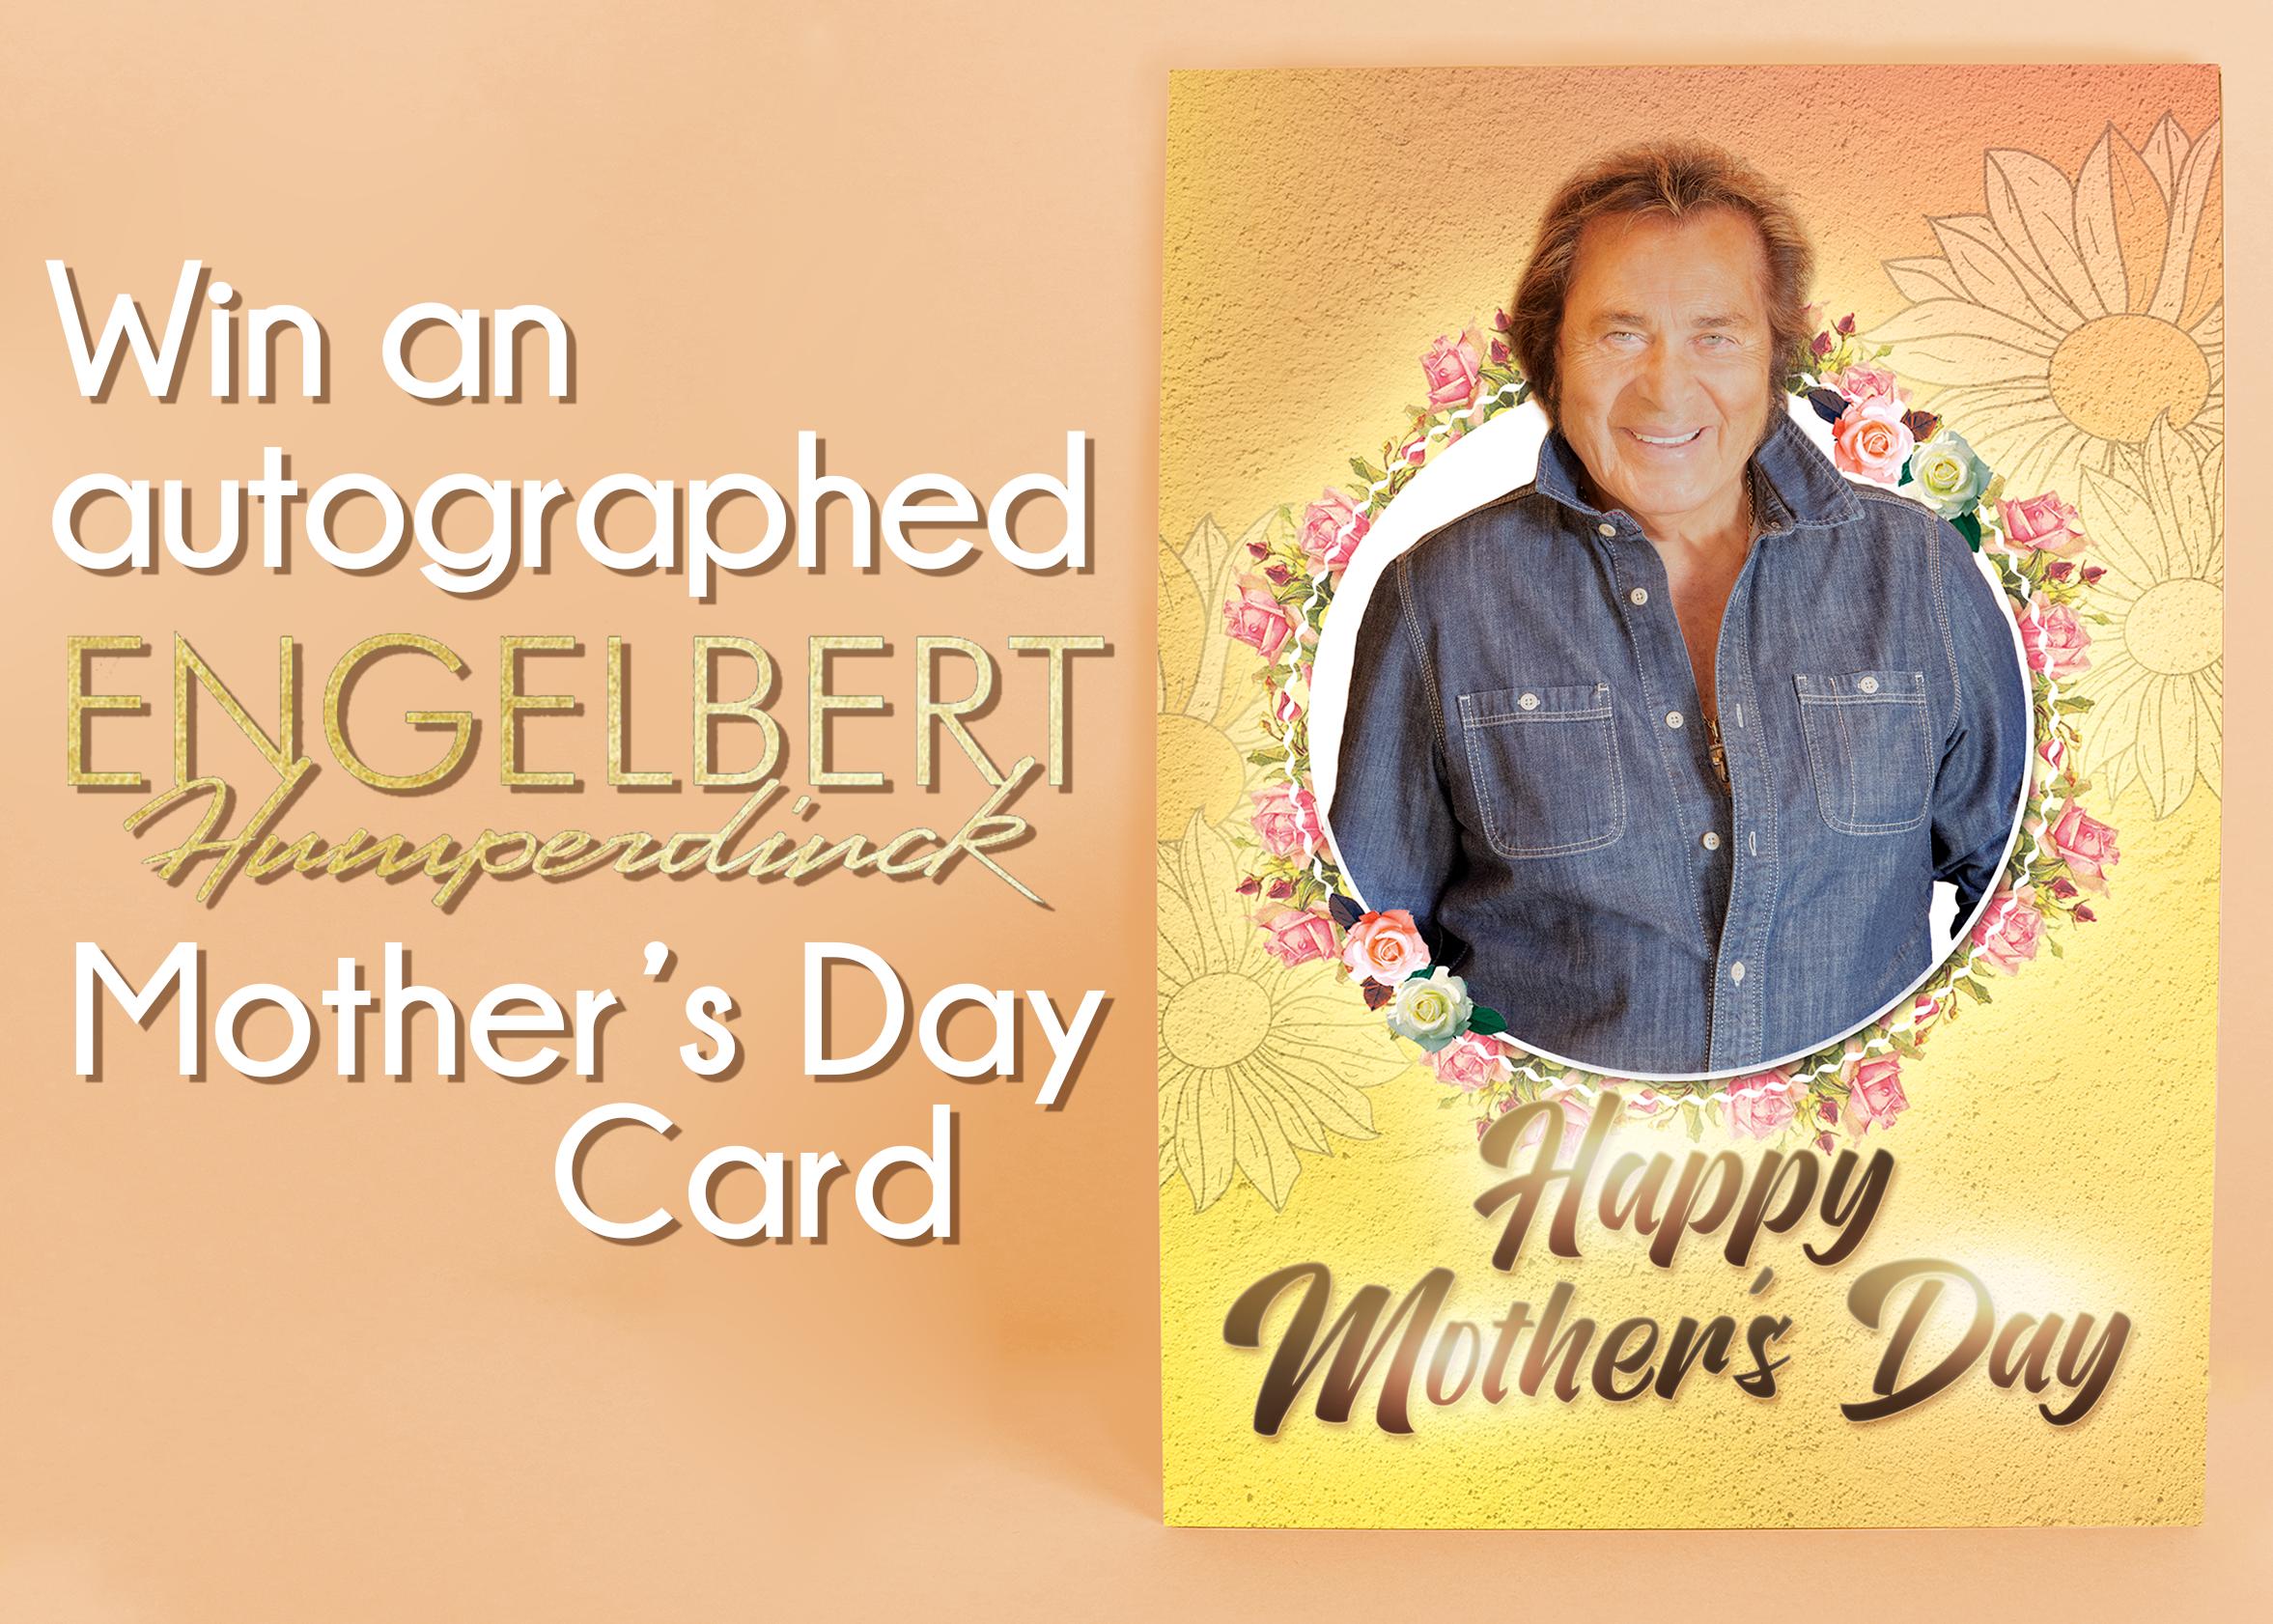 Win an Autographed Engelbert Humperdinck Mother's Day Card!